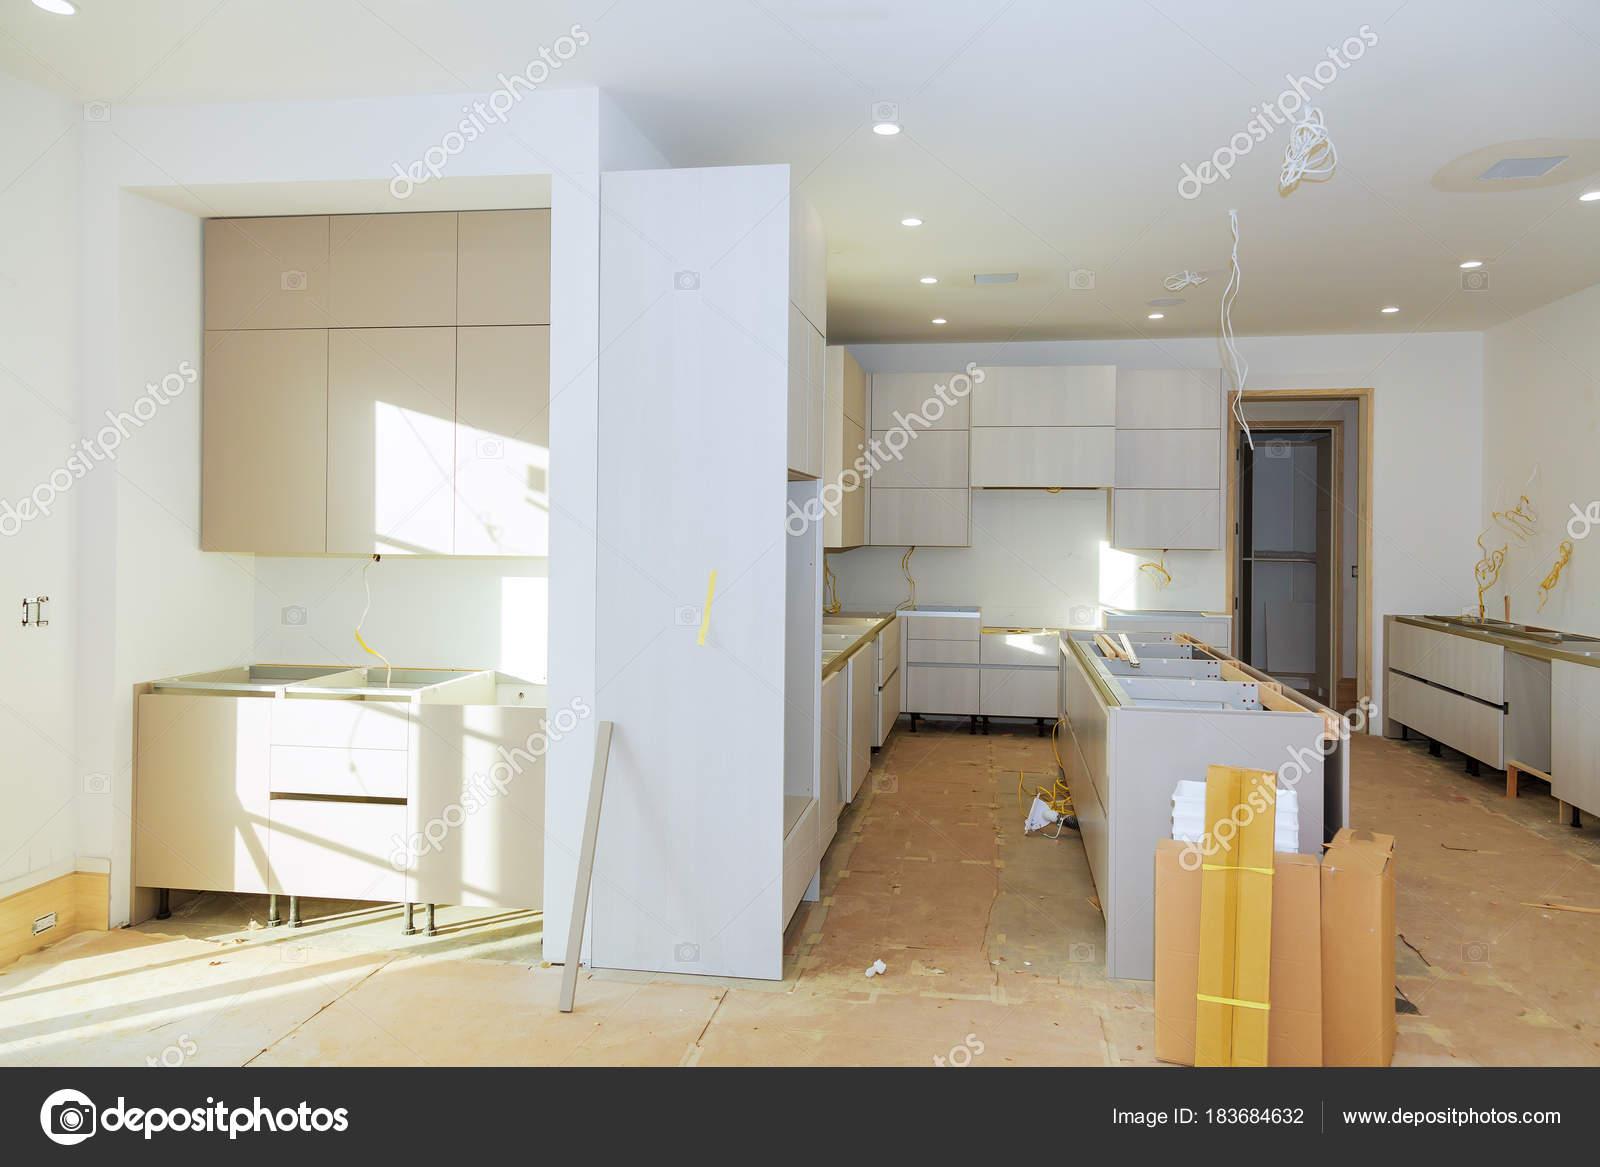 Einbau Küche Montage Regal in der Küche-Kabinett — Stockfoto ...